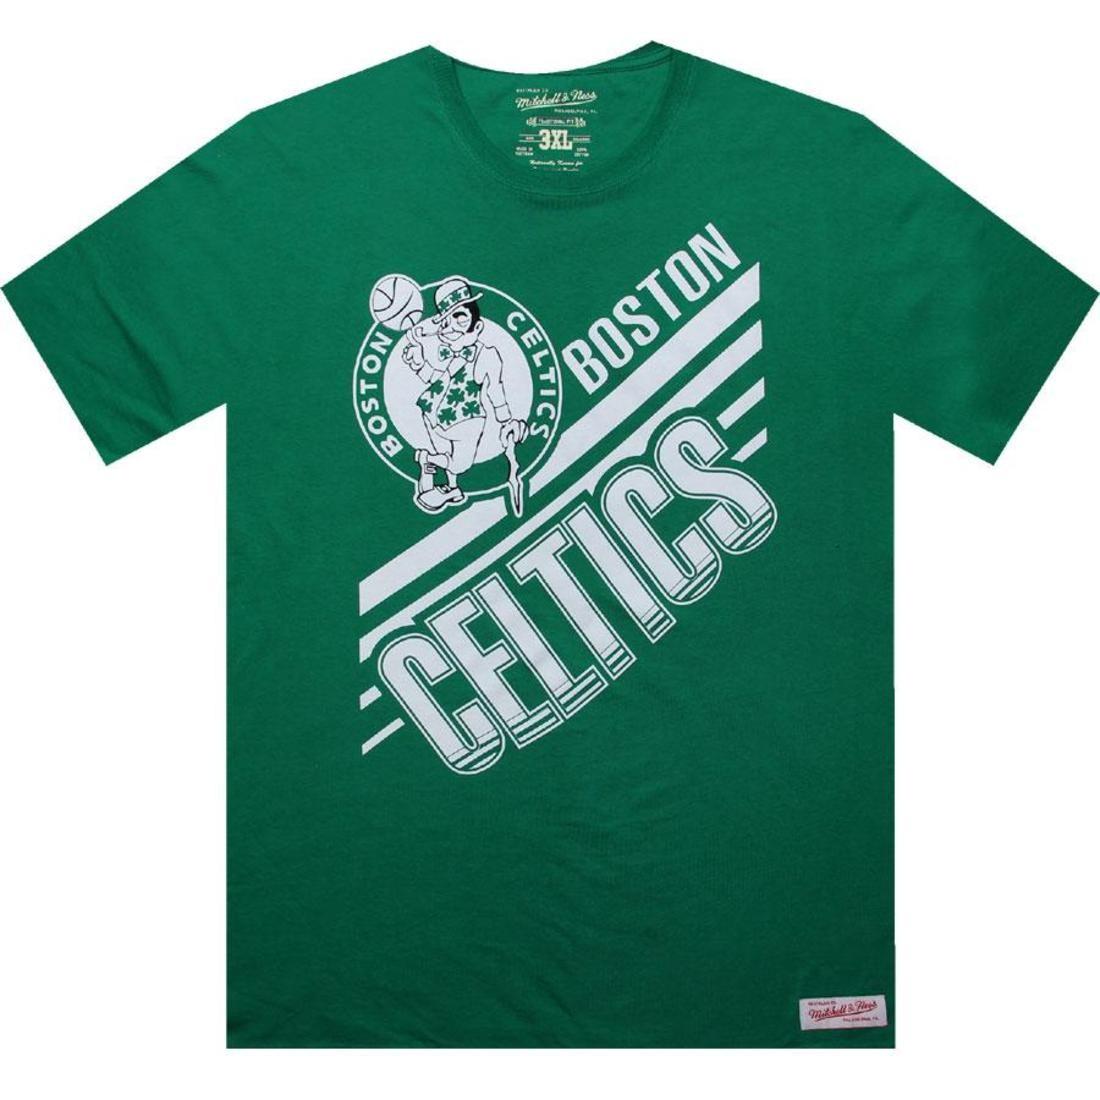 【海外限定】ボストン セルティックス Tシャツ メンズファッション 【 MITCHELL AND NESS BOSTON CELTICS BLANK TEE KELLY 】【送料無料】